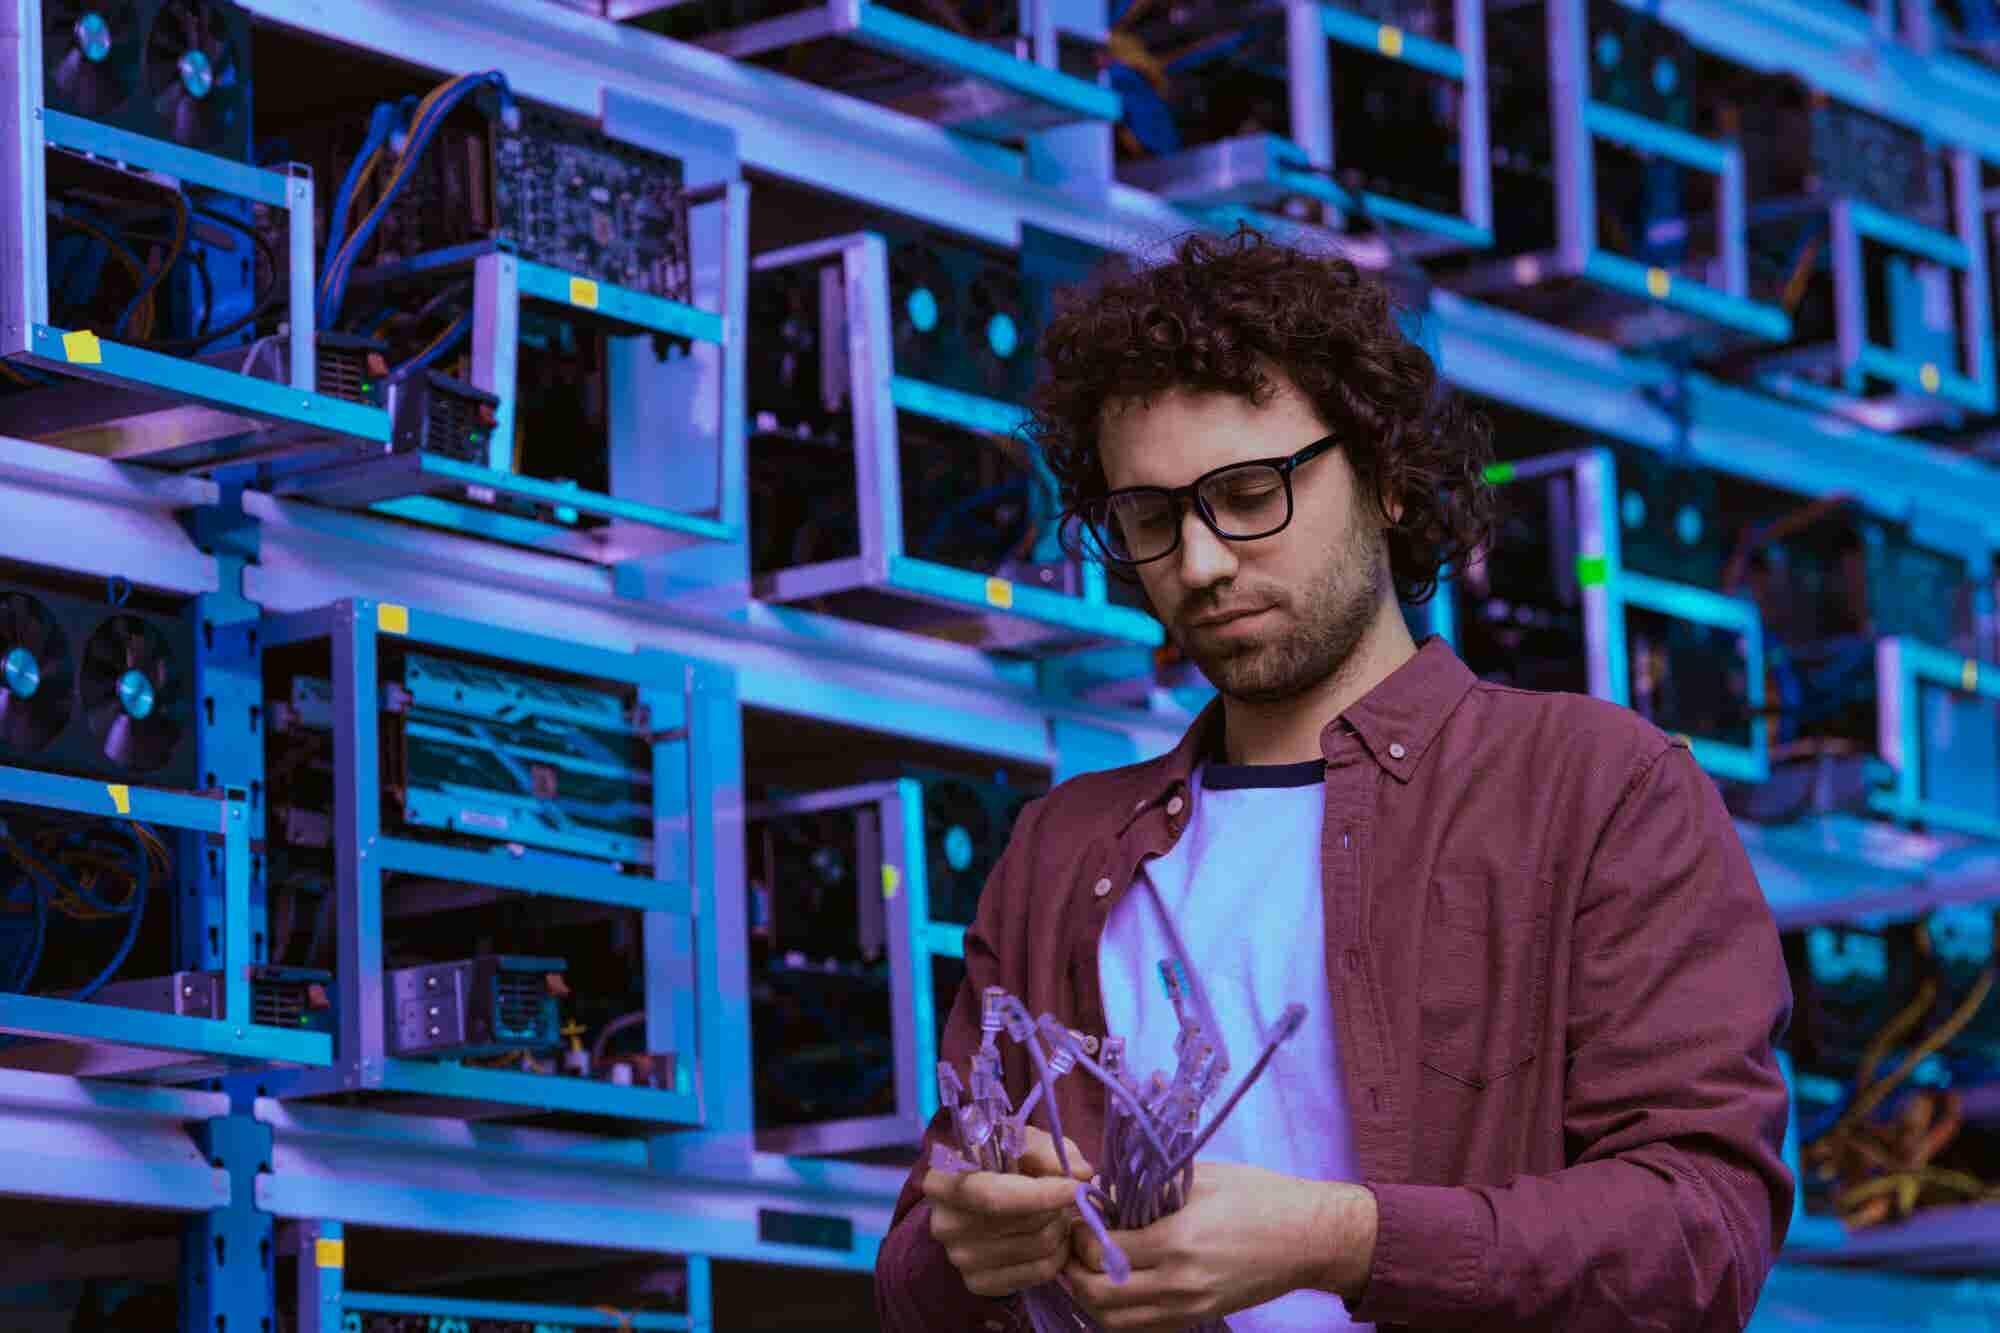 ¿Qué rayos es un 'Growth Hacker'? Estos son los 8 'extraños' empleos que toda empresa va a querer contratar